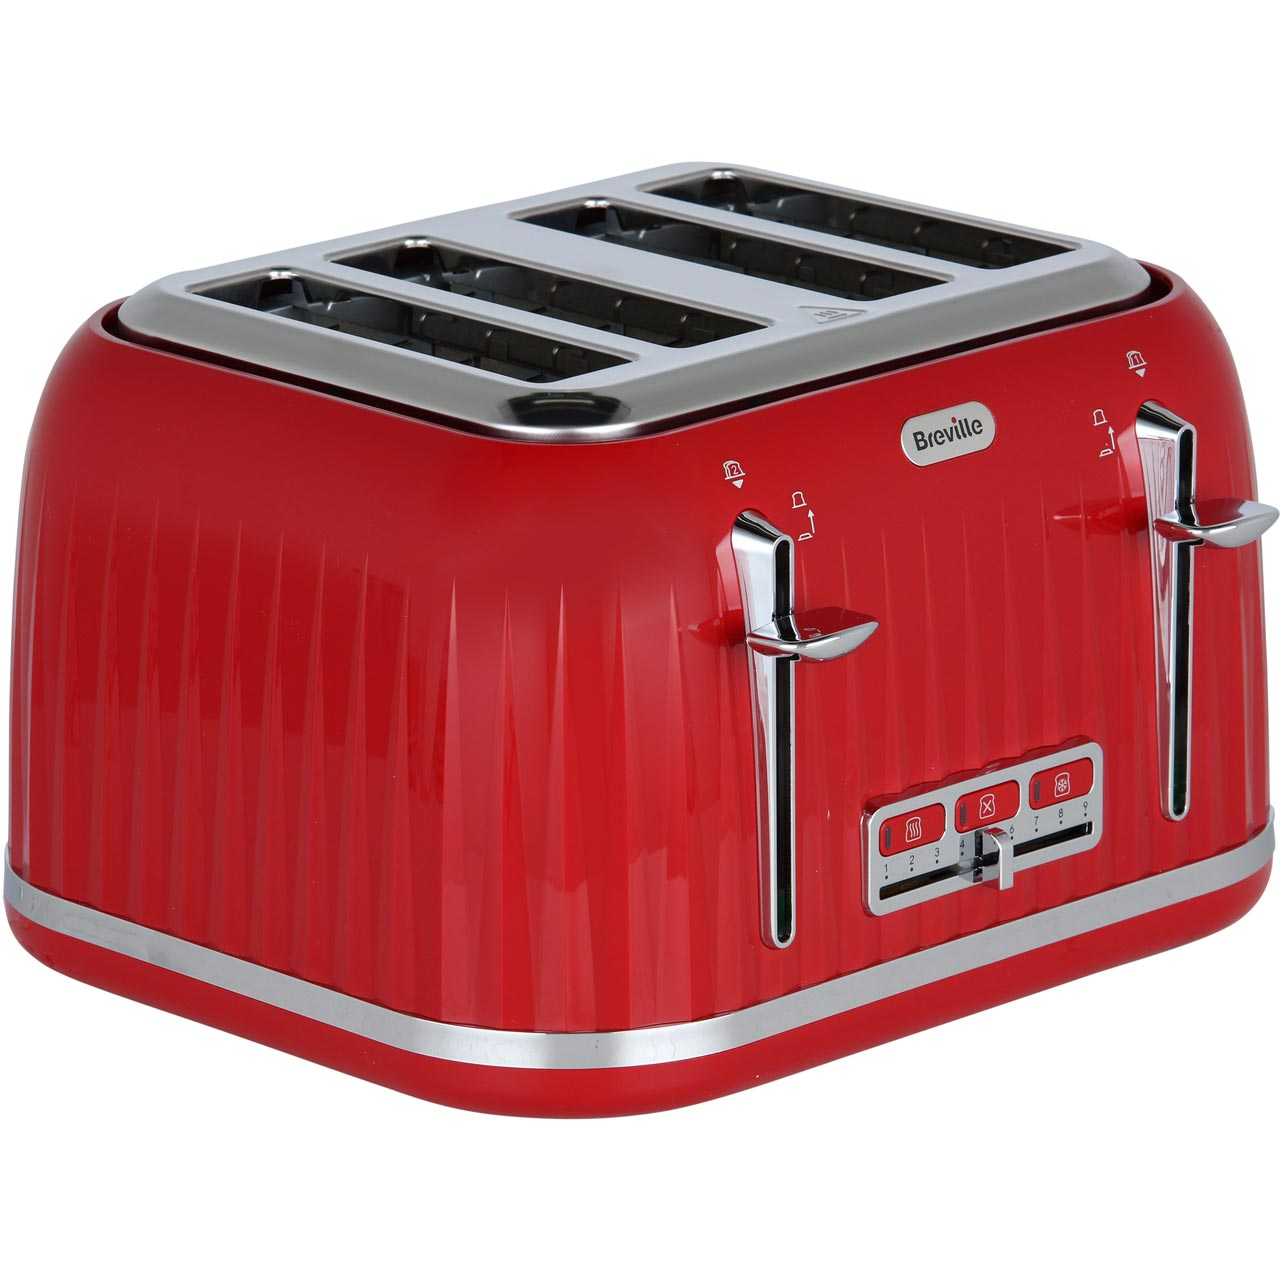 797c0b75cbe1 ... Breville Impressions VTT783 4 Slice Toaster - Red - VTT783_RD - 1 ...